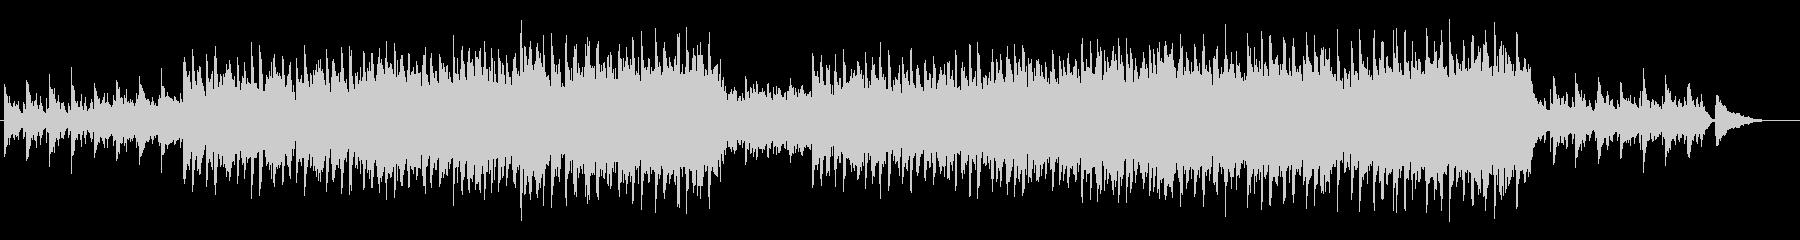 ピアノと弦中心の感動的なバラードの未再生の波形